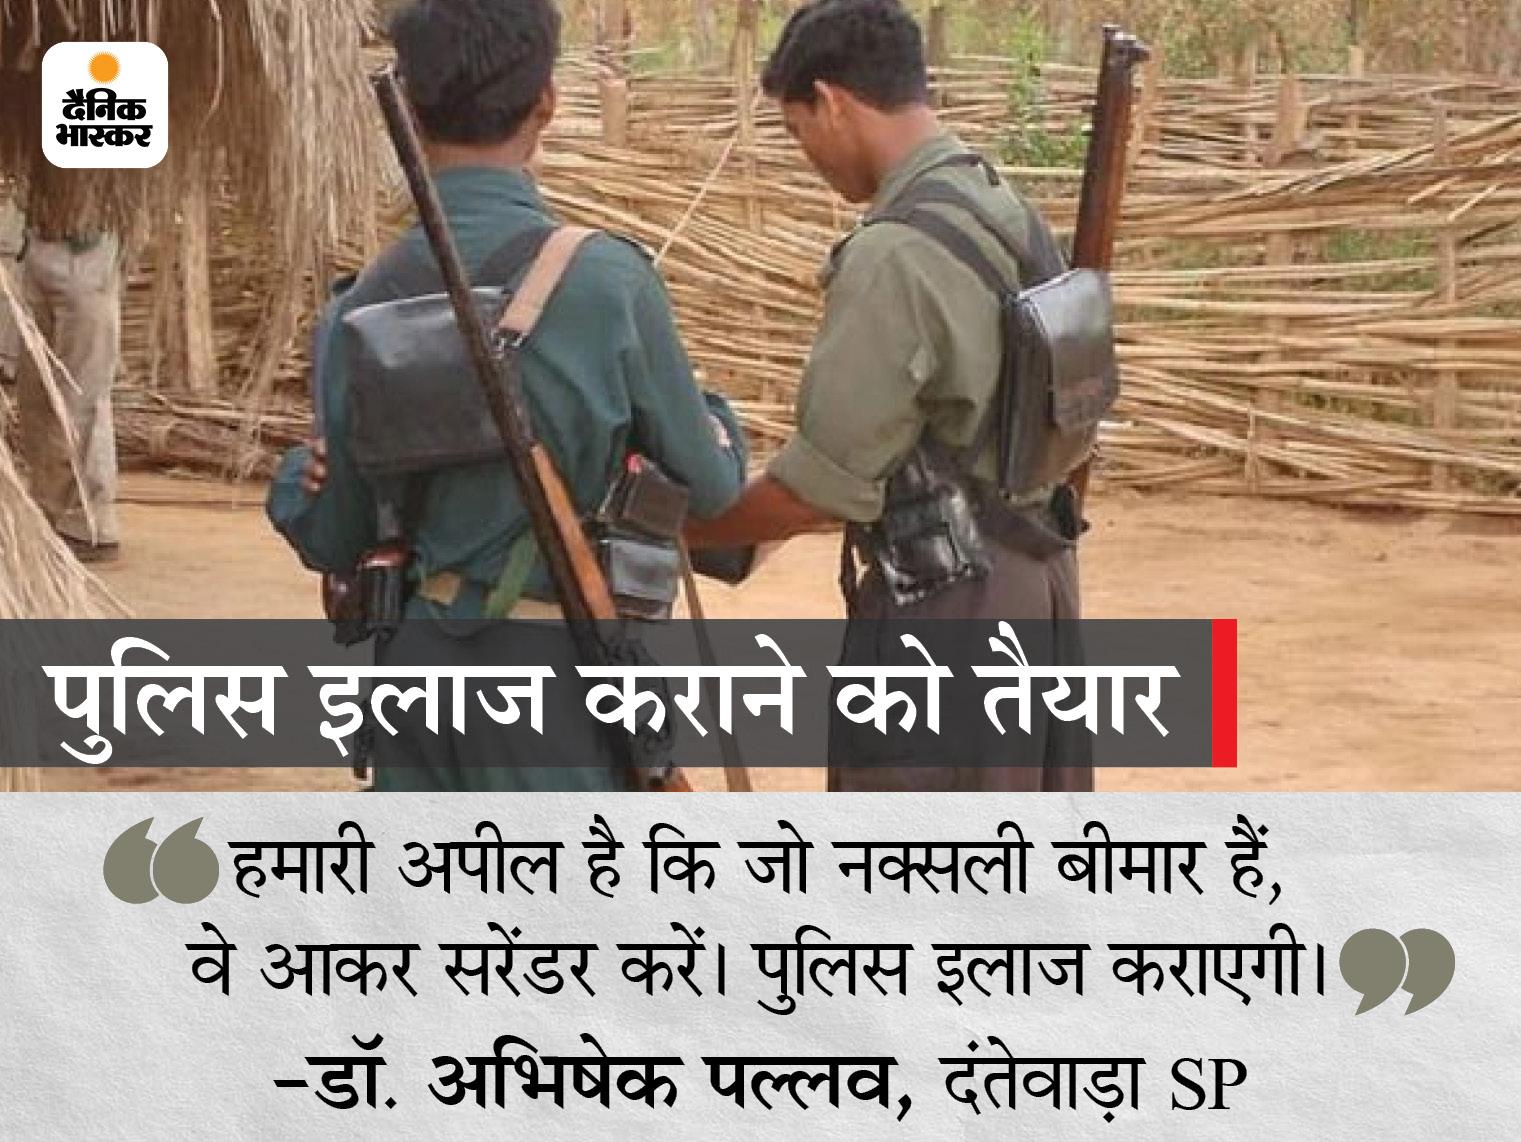 दक्षिण बस्तर में कोरोना से 10 से ज्यादा नक्सलियों की मौत, पुलिस का दावा- वे सुकमा में वैक्सीन और दवाएं भी मंगवा रहे|छत्तीसगढ़,Chhattisgarh - Dainik Bhaskar